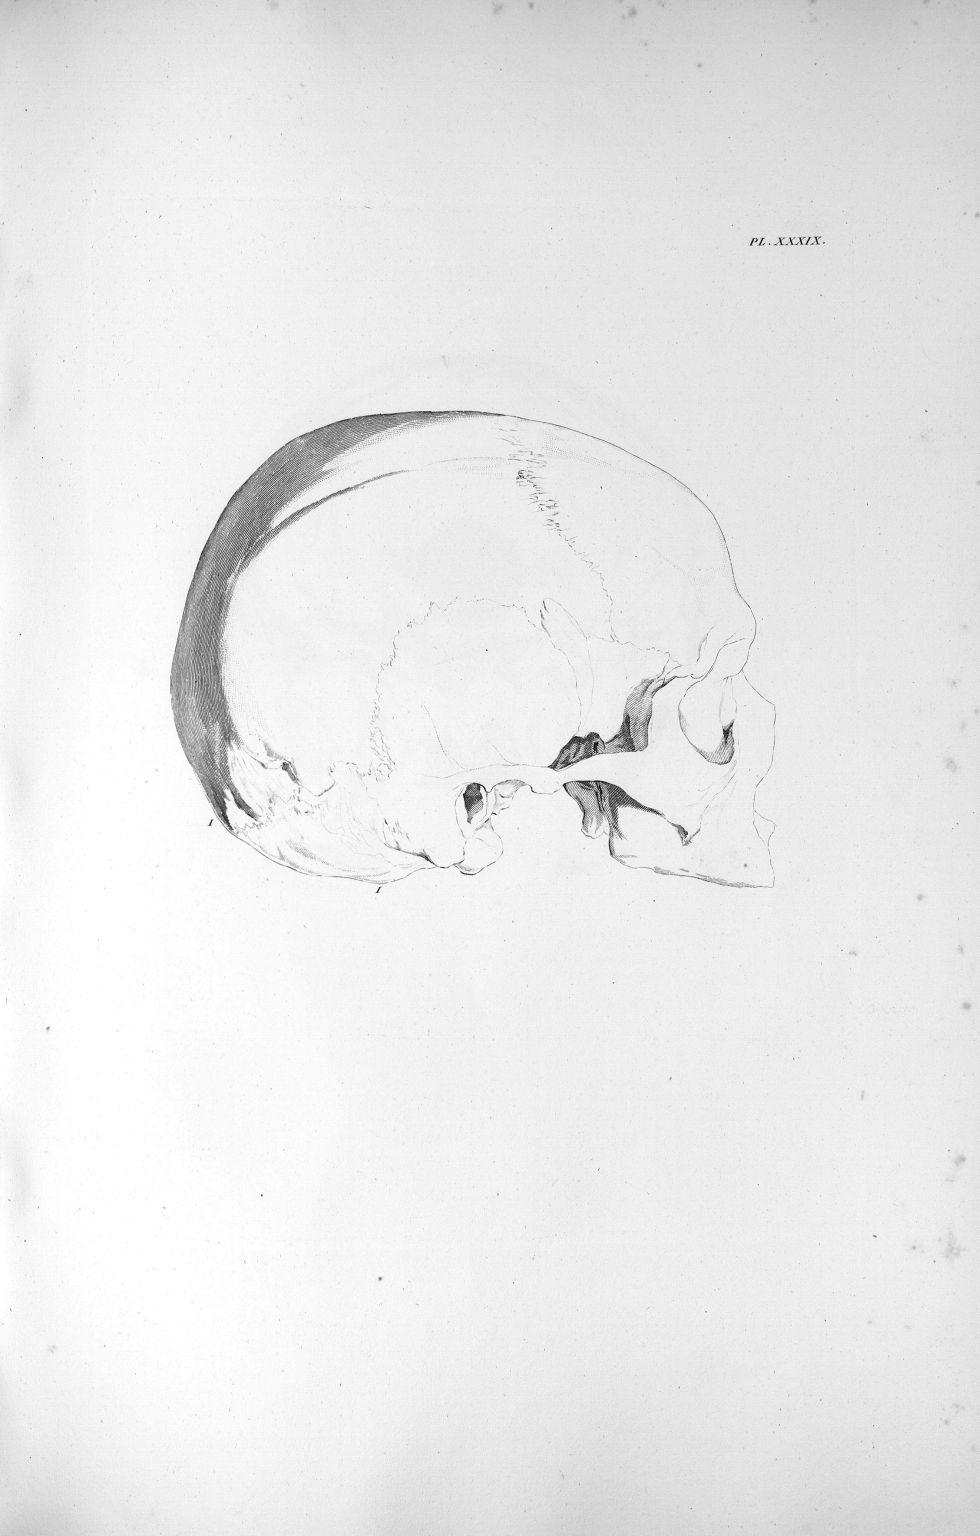 Pl. XXXIX. Crâne d'un homme adulte avec un développement extraordinaire du cervelet - Anatomie et ph [...] - Anatomie. Neurologie. Crânes. 19e siècle (France) - med00575xatlasx0049